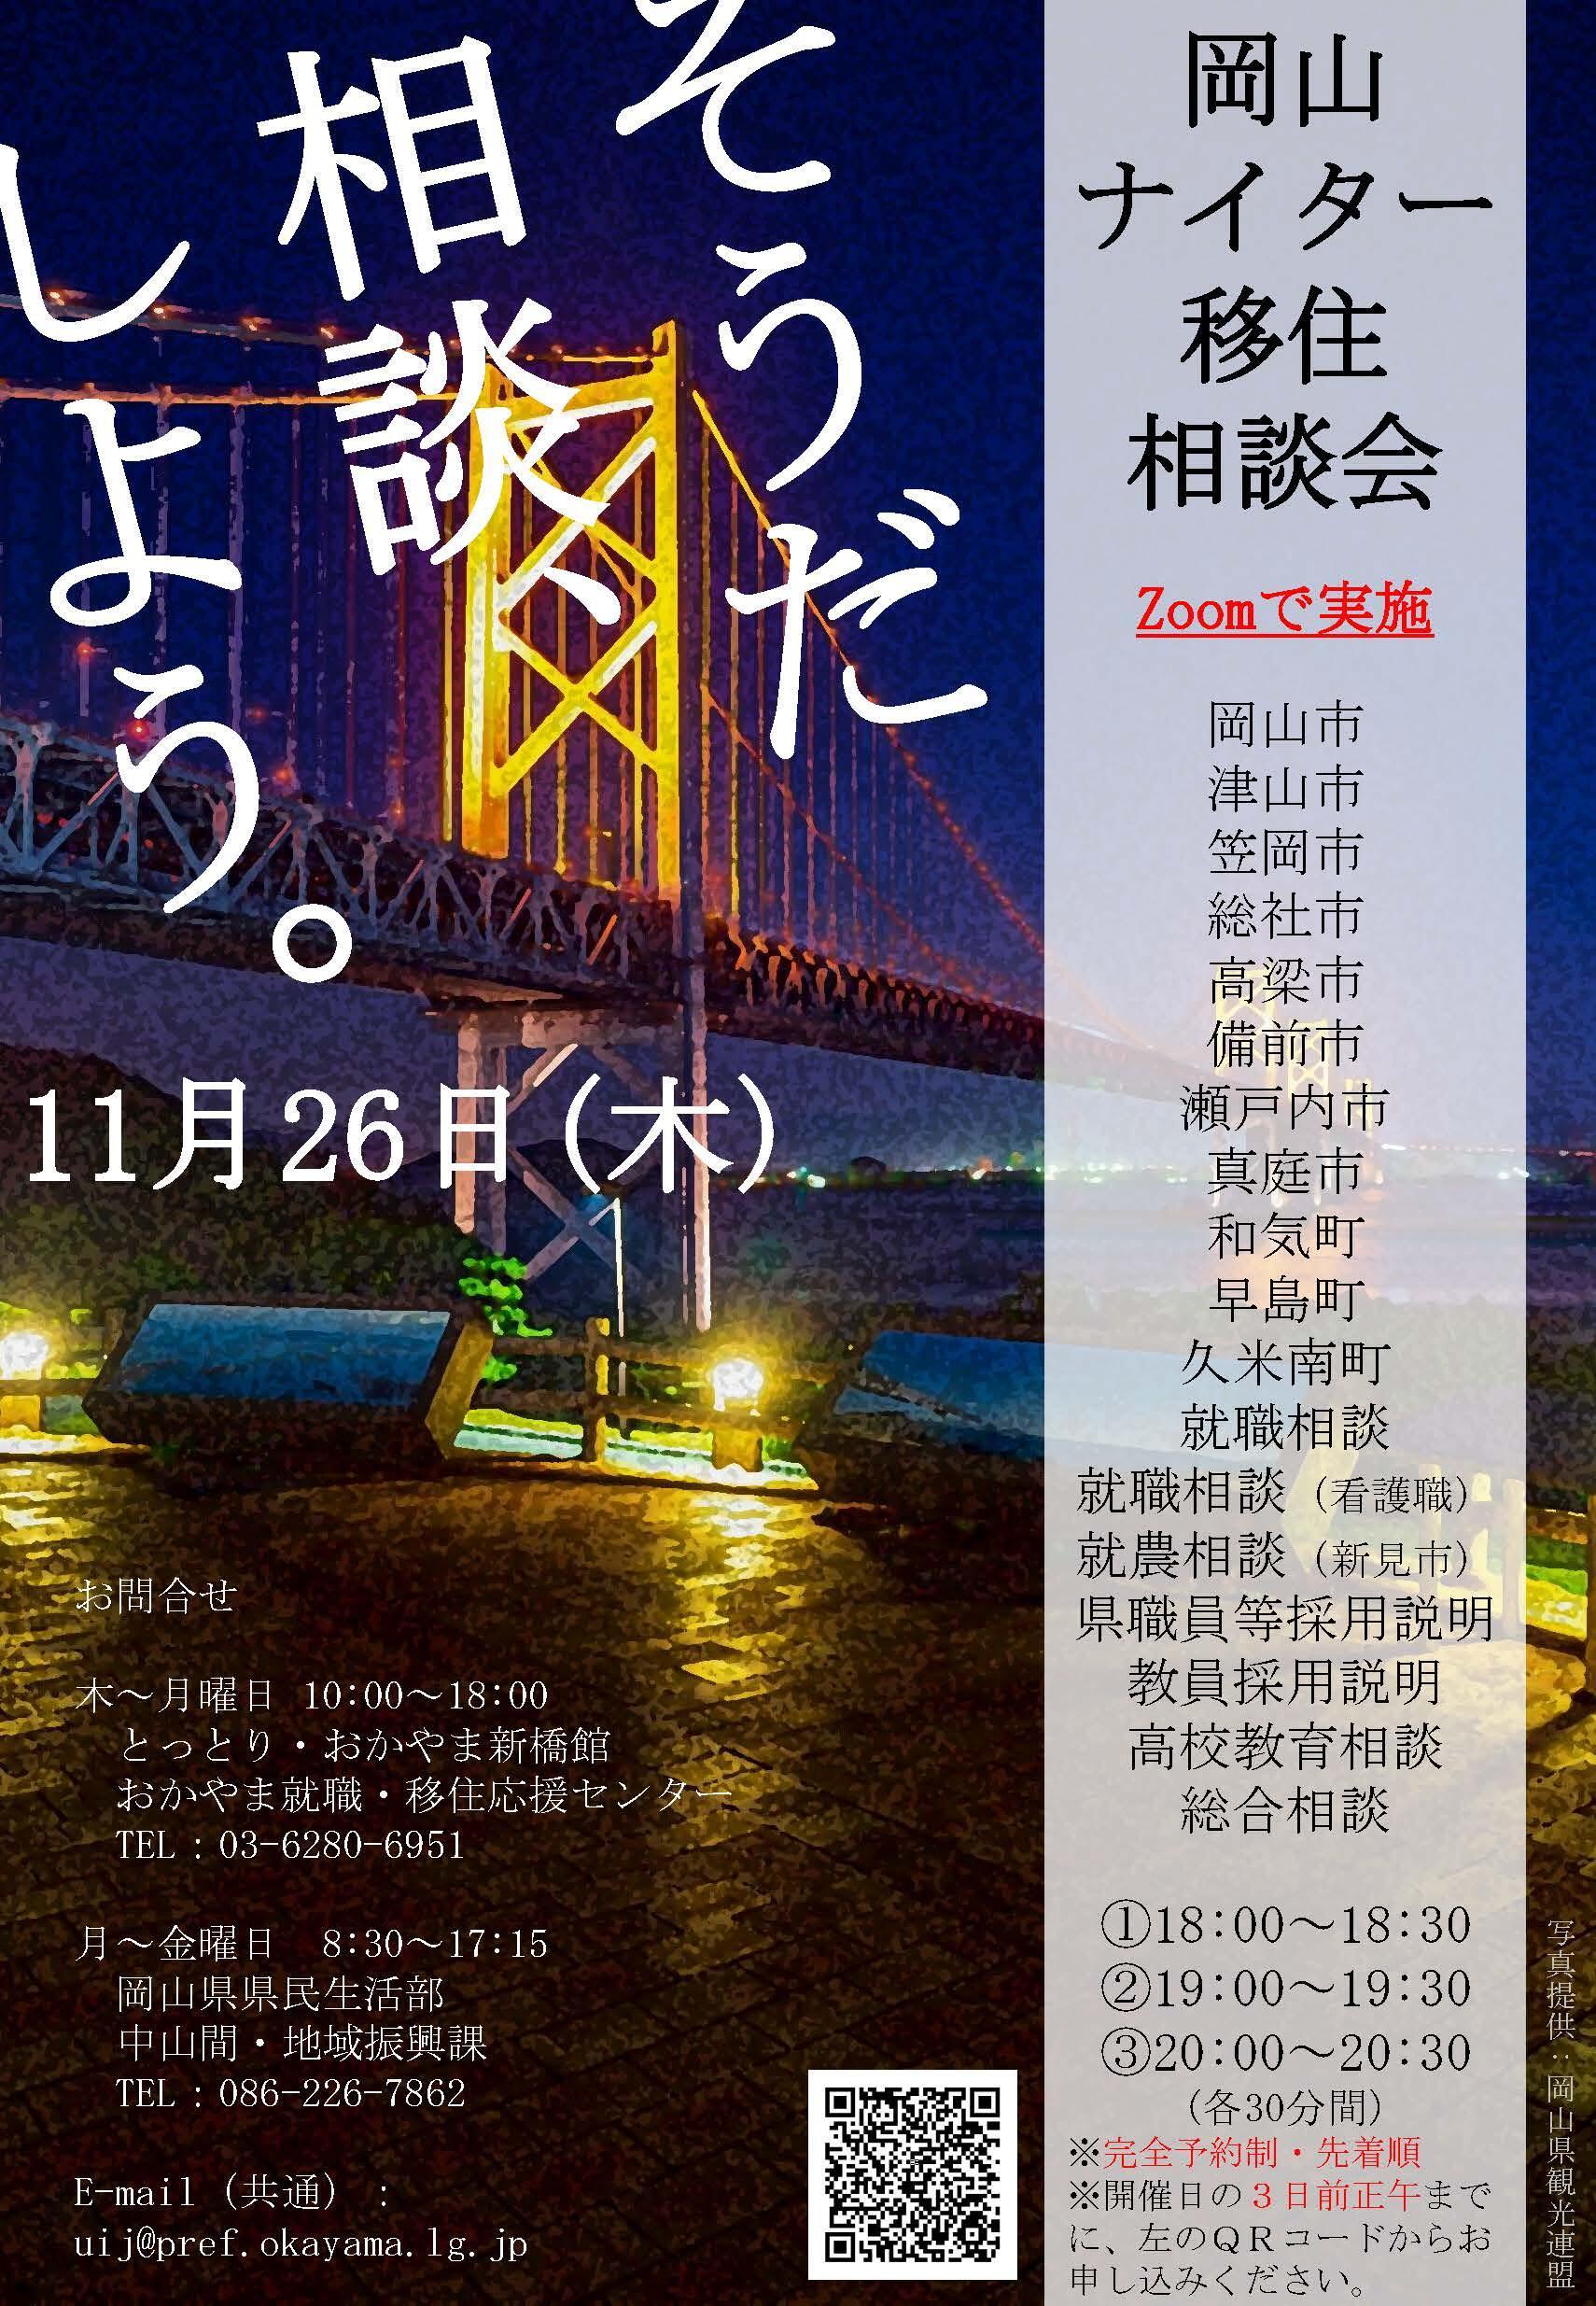 【11/26開催】「岡山ナイター移住相談会」に和気町参加決定!